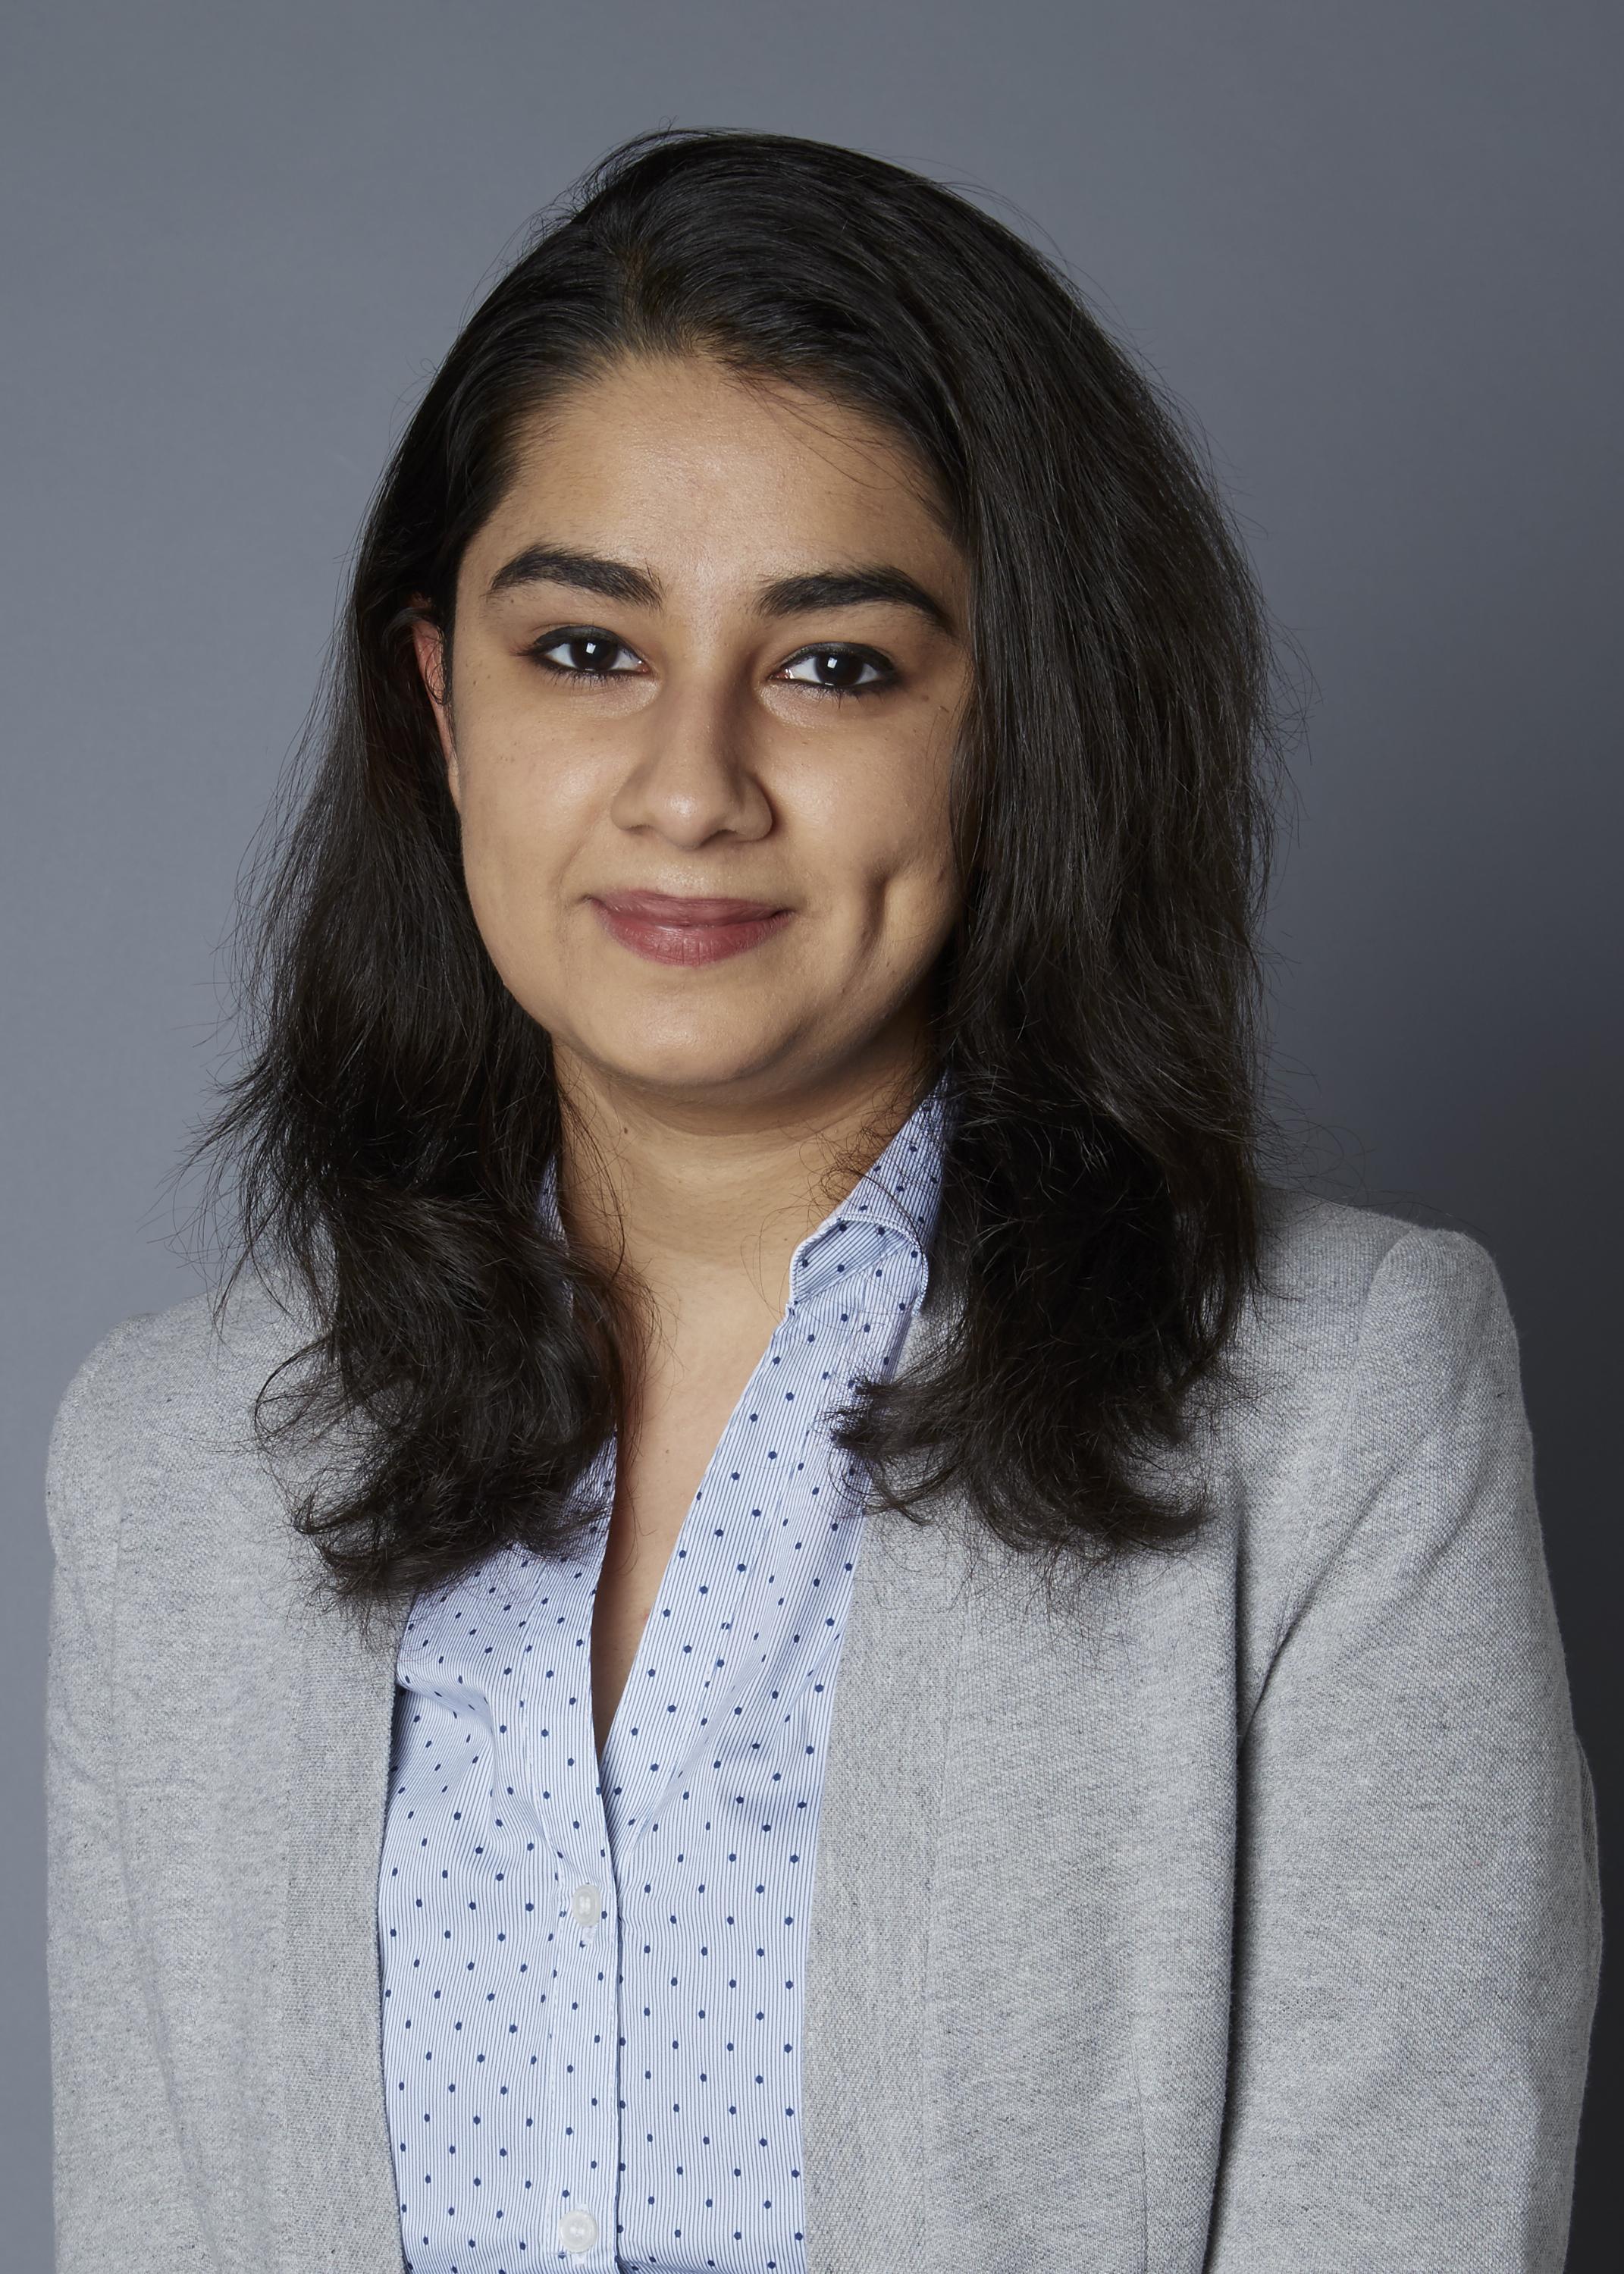 Headshot of Akanksha Khanna